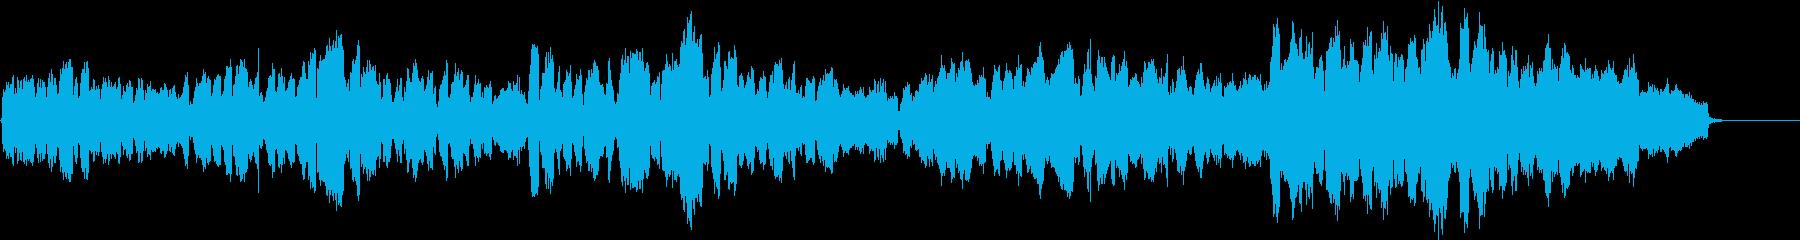 蛍の光【歌とオーケストラ伴奏】卒業の再生済みの波形